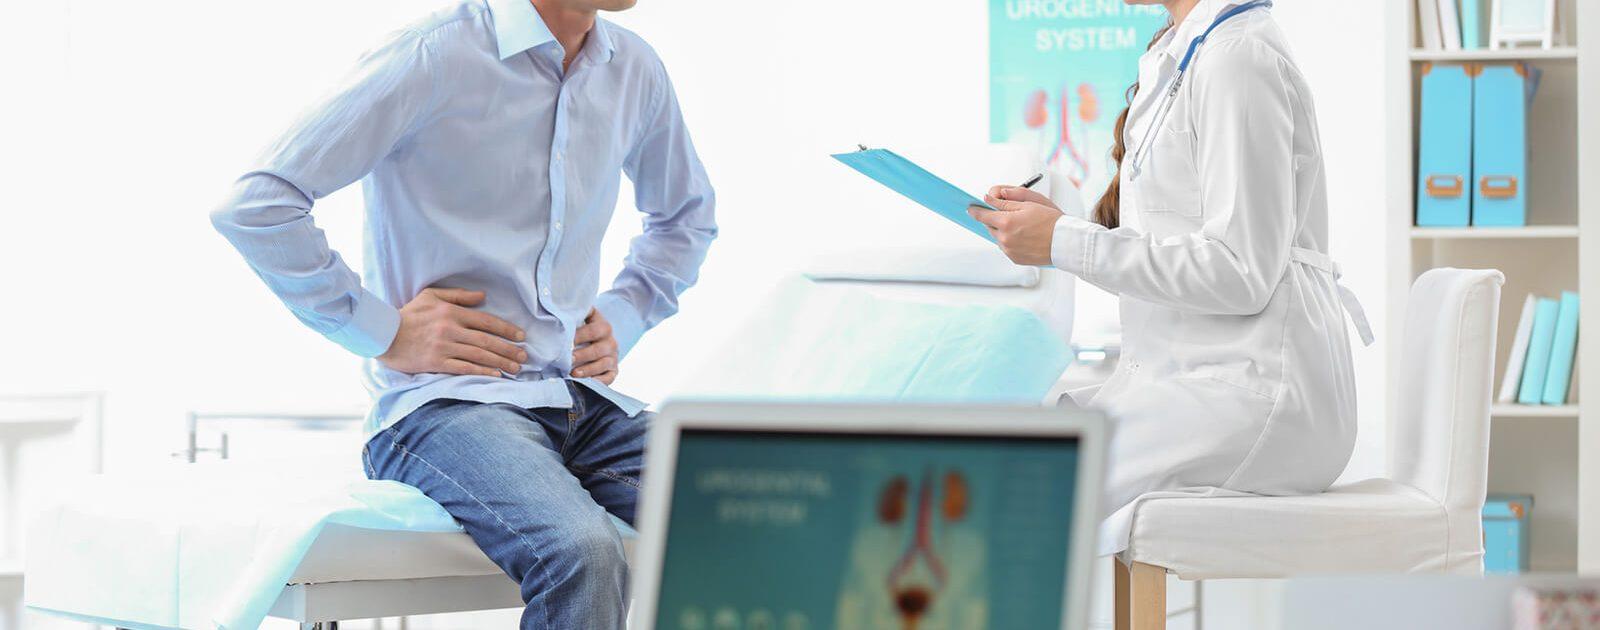 Patient mit Arzt bei der Untersuchung von urologischen Beschwerden.